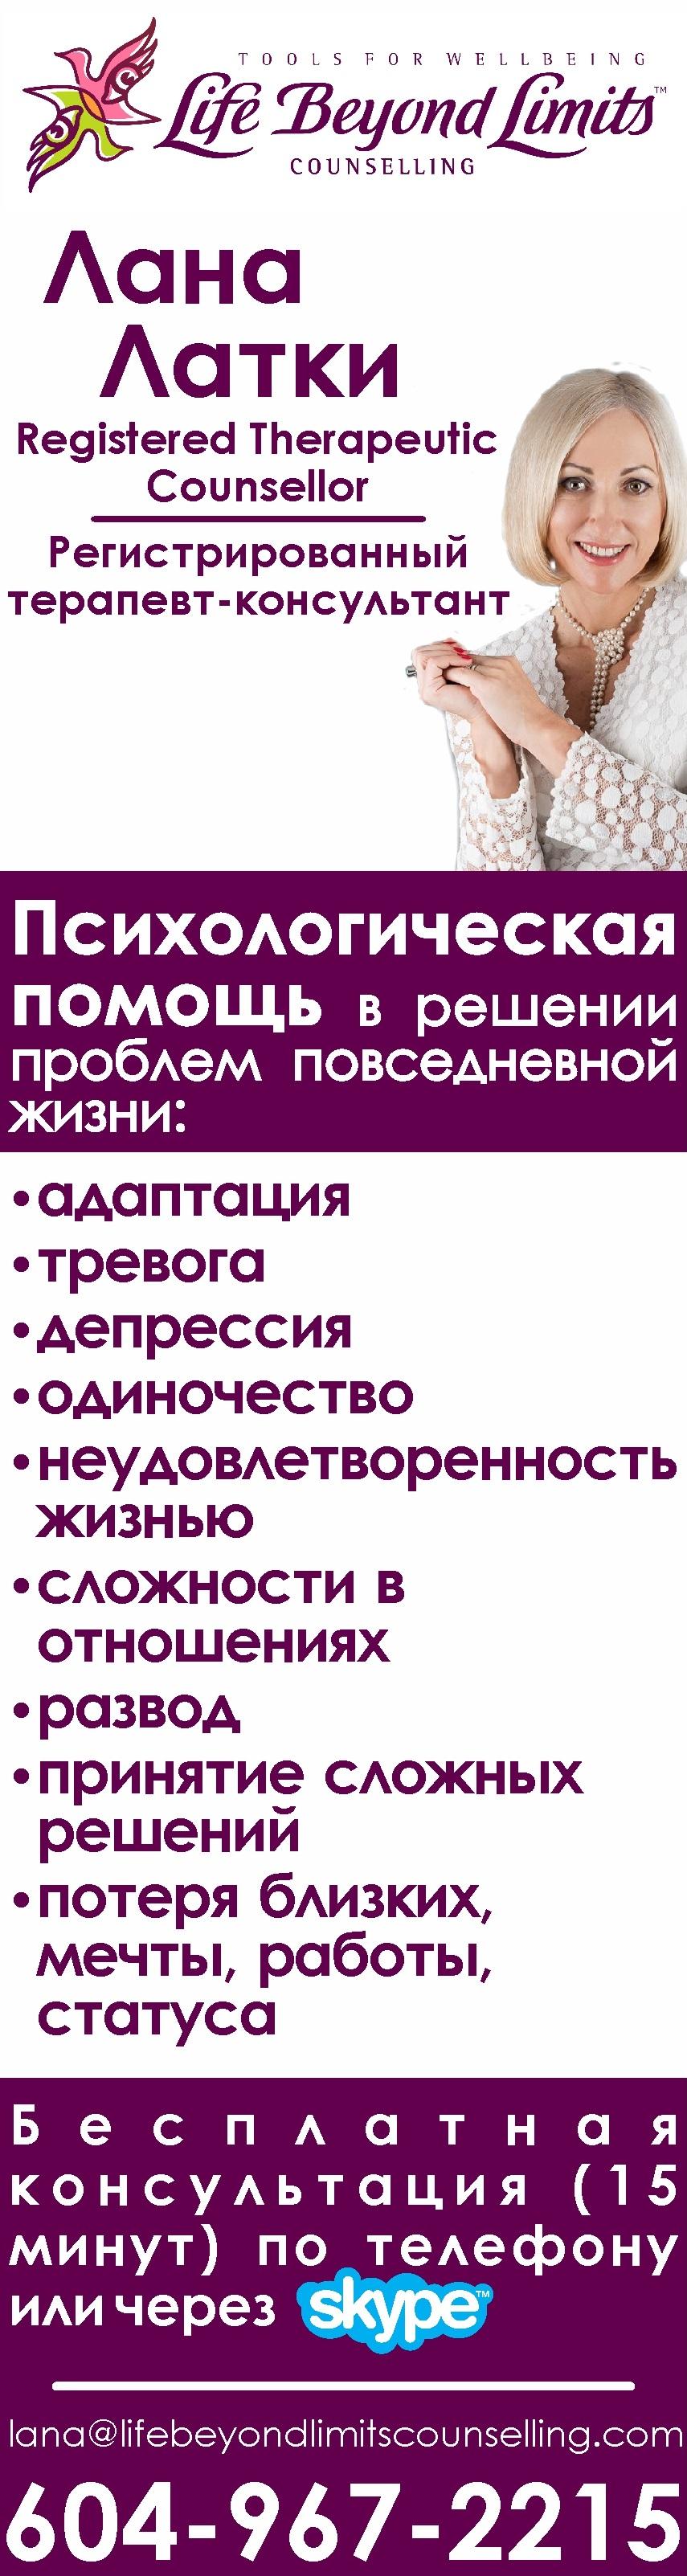 Лана Латки Психологическая помощь